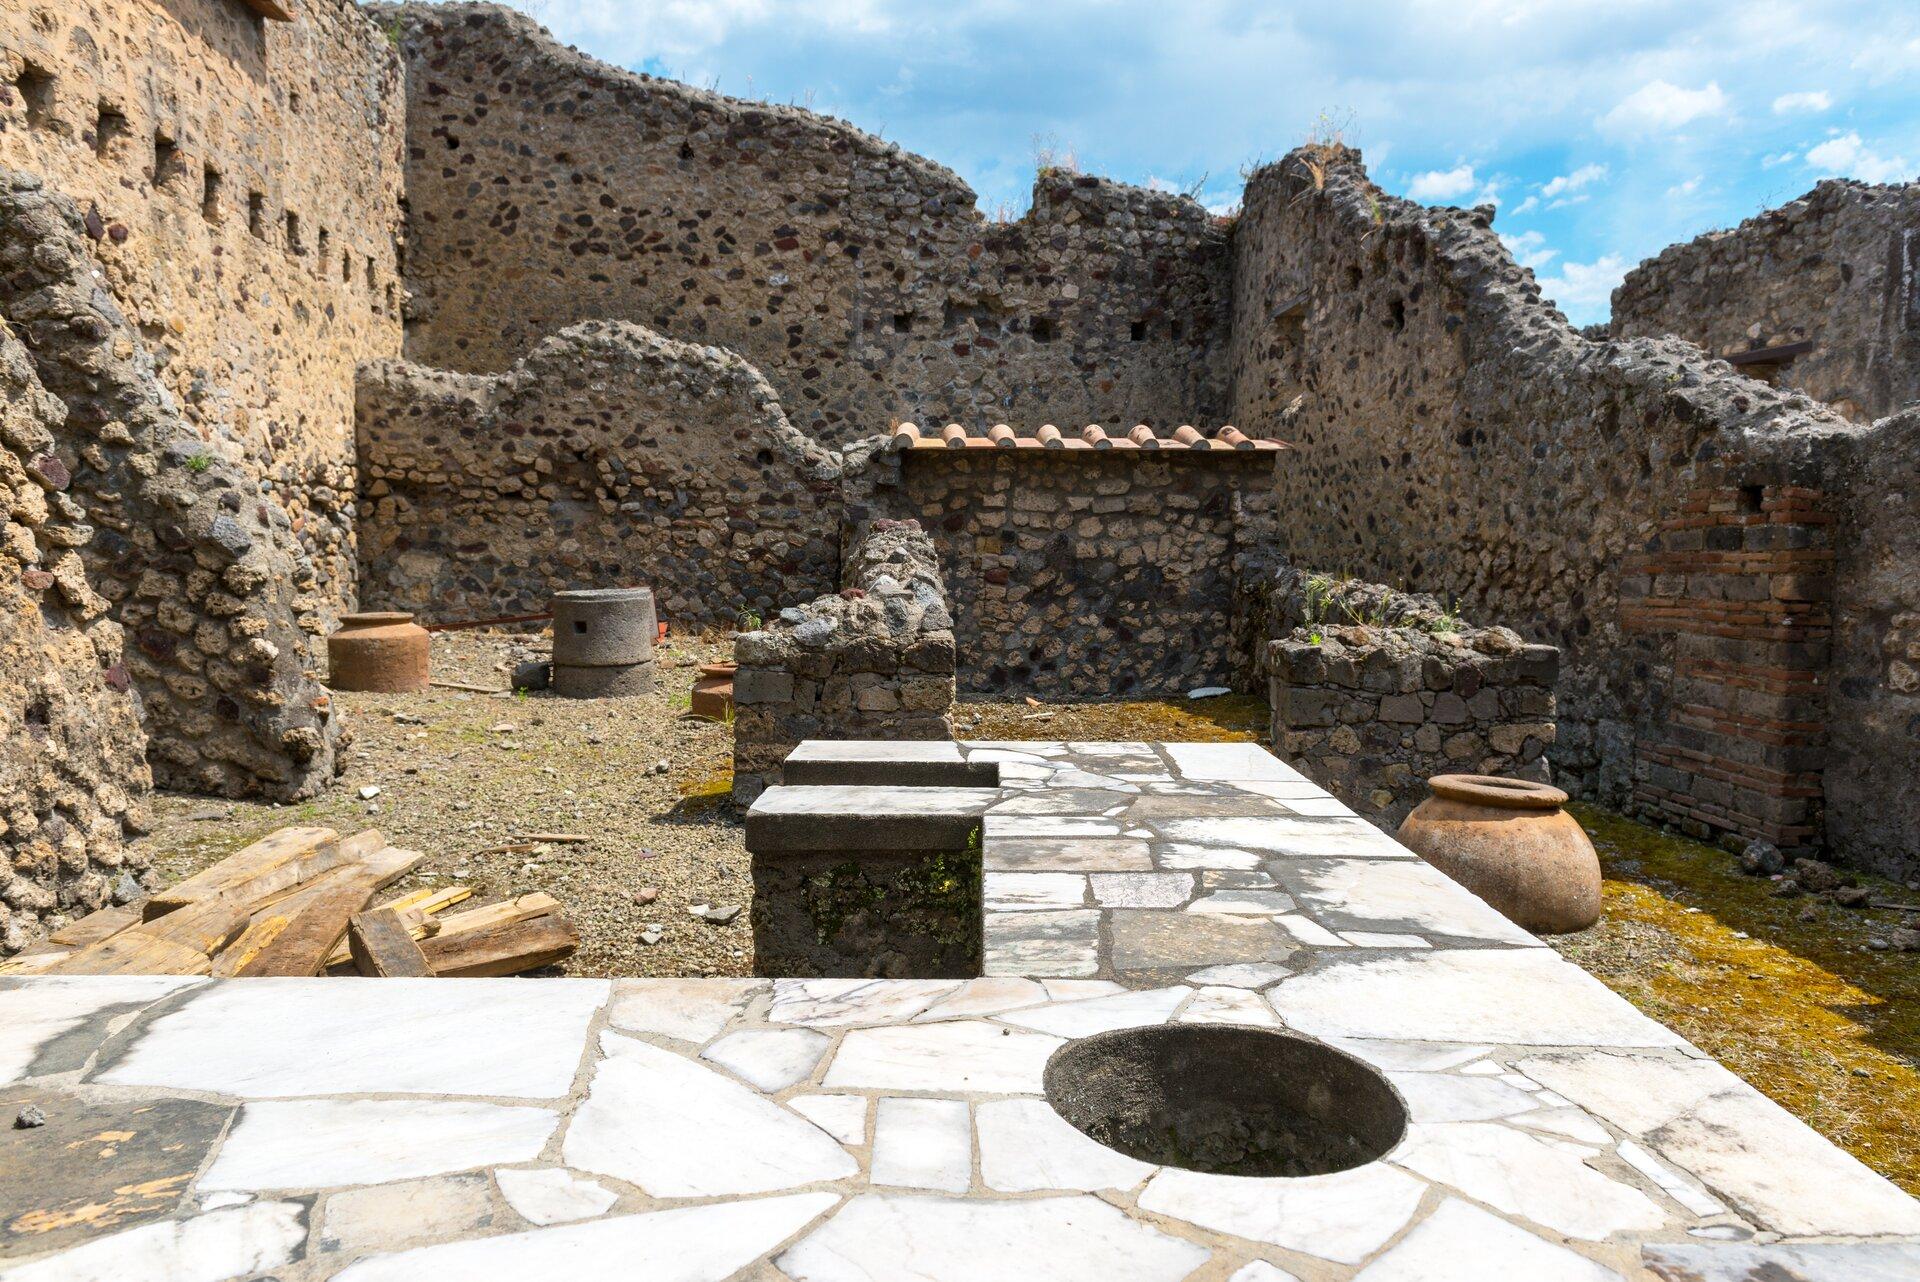 Kolorowa ilustracja przedstawia wnętrze starożytnej jadalni domu wPompejach. Na szerokim kamiennym blacie znajduje się wydrążony okrągły otwór. Nieopodal stoją duże gliniane kadzie. Zmurów domu pozostały ruiny.